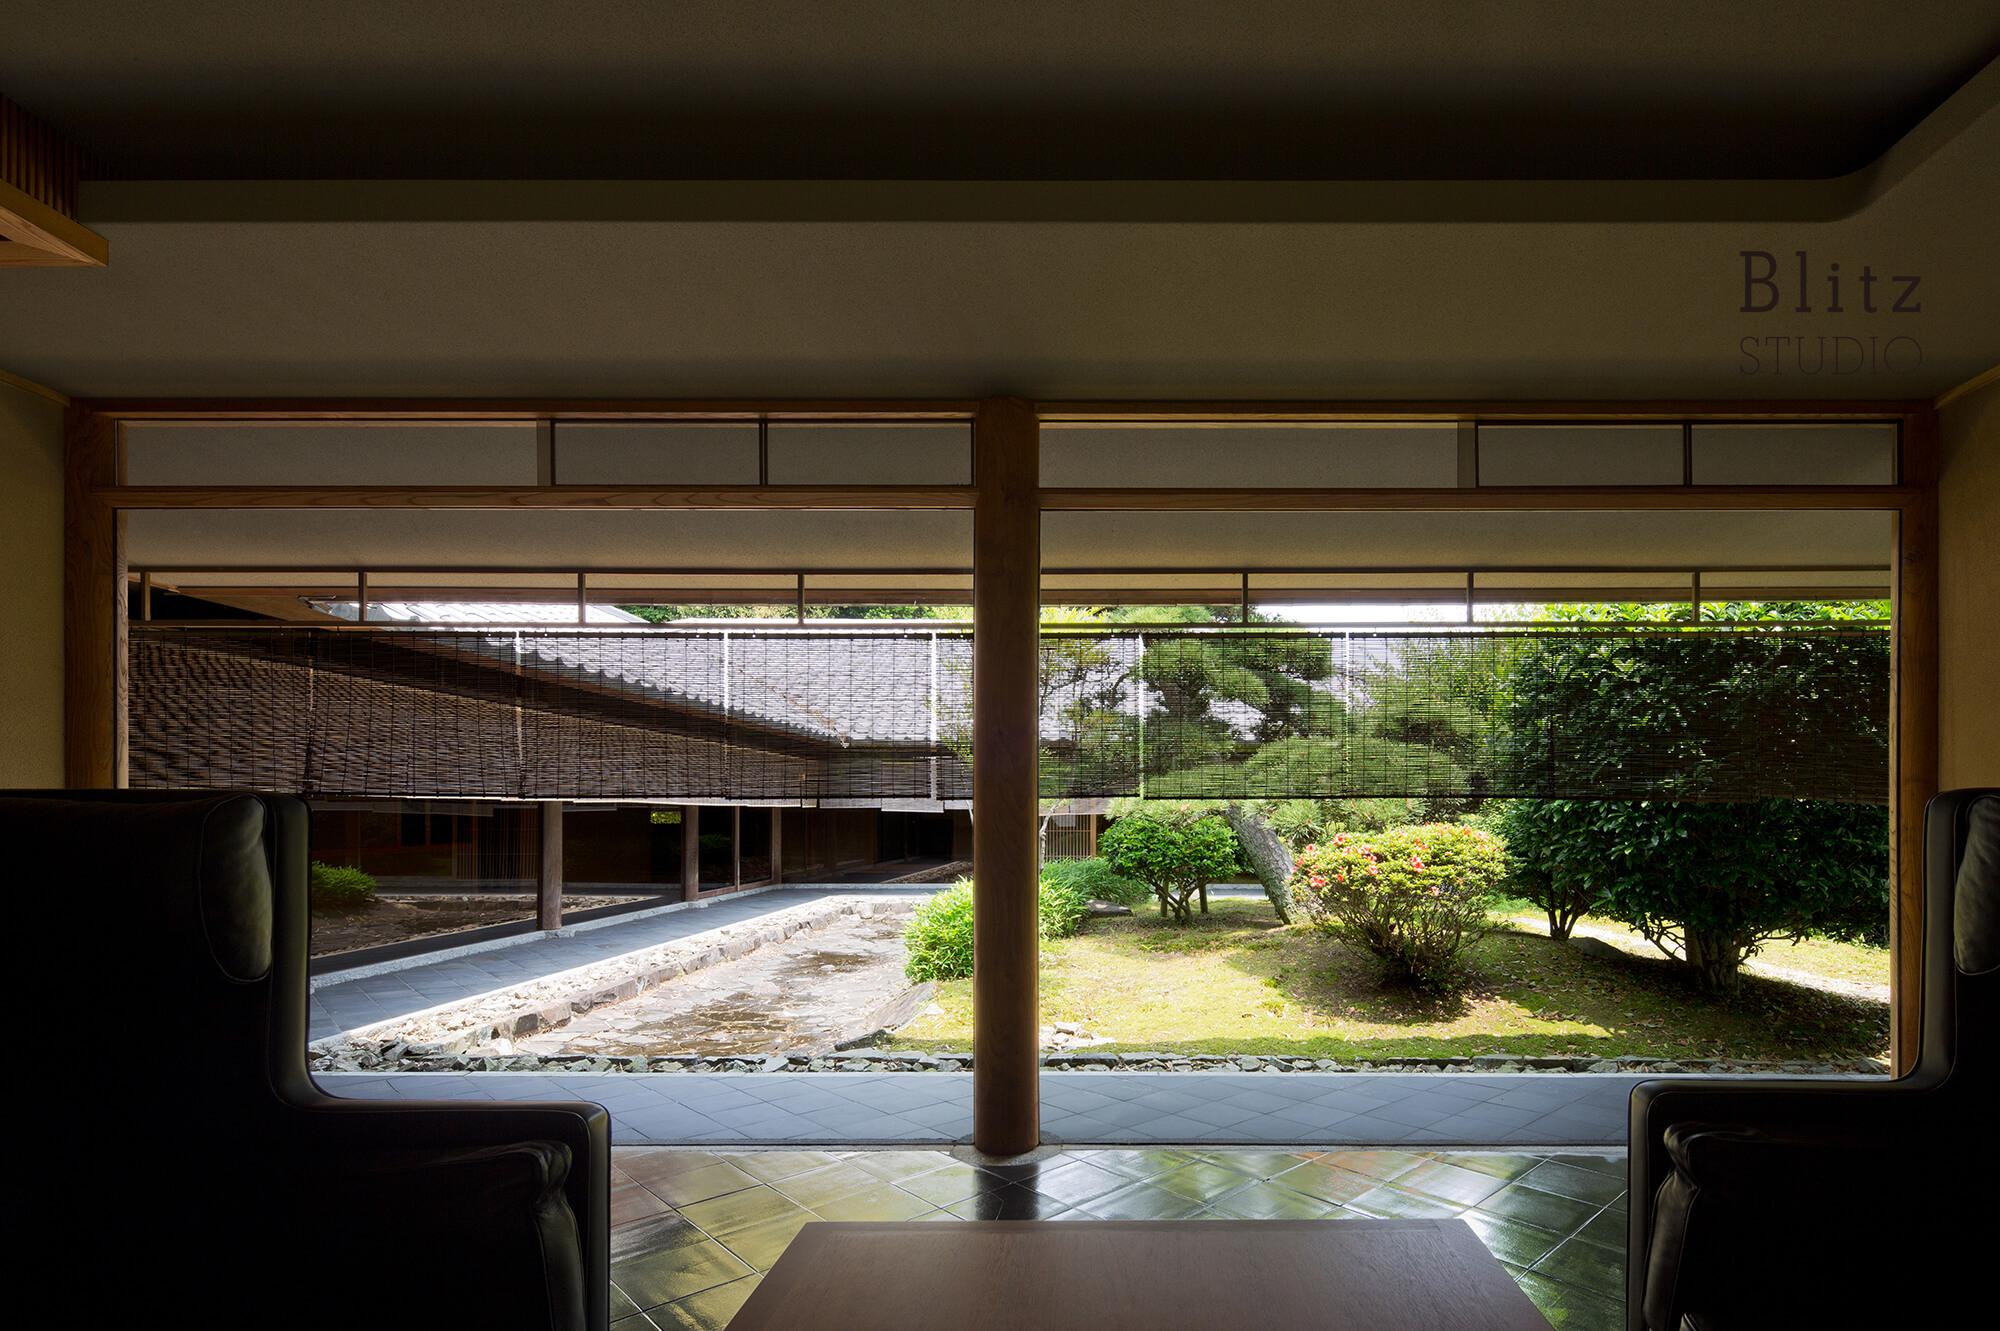 『宗像名残荘』建築写真・竣工写真・インテリア写真43